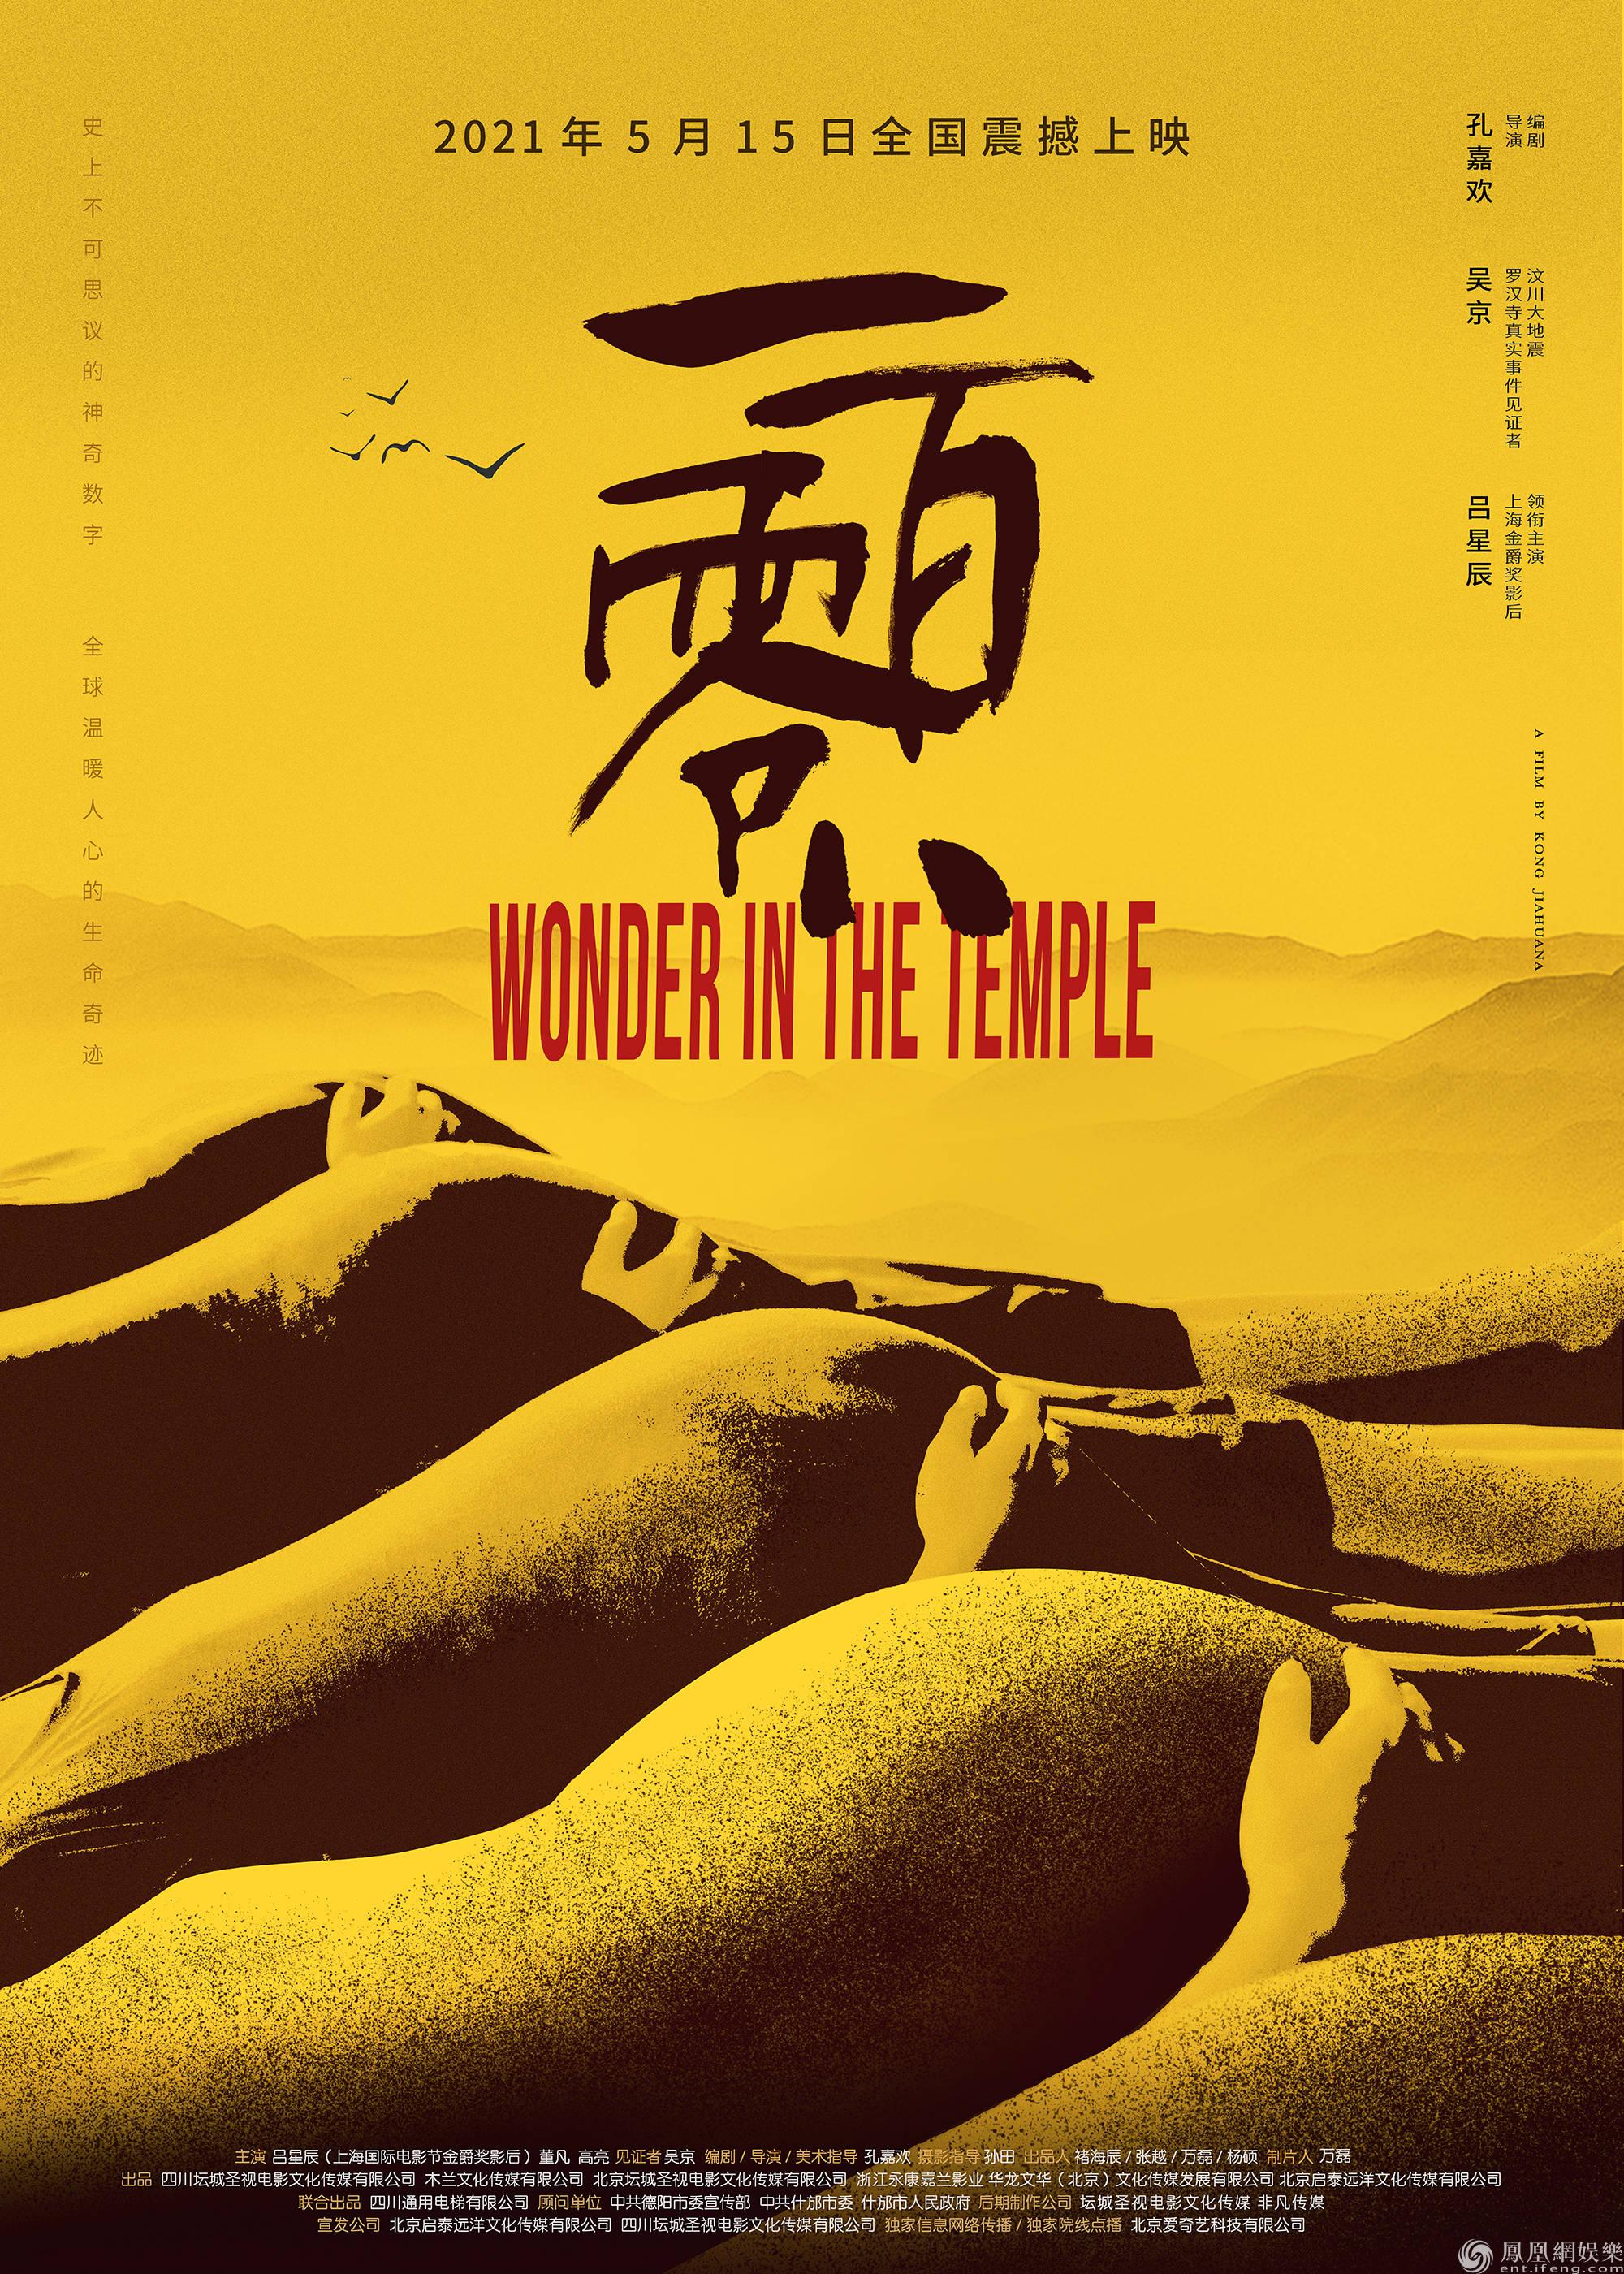 汶川地震题材电影《一百零八》发布大浪淘沙全套多少钱定档海报 还原真实事件